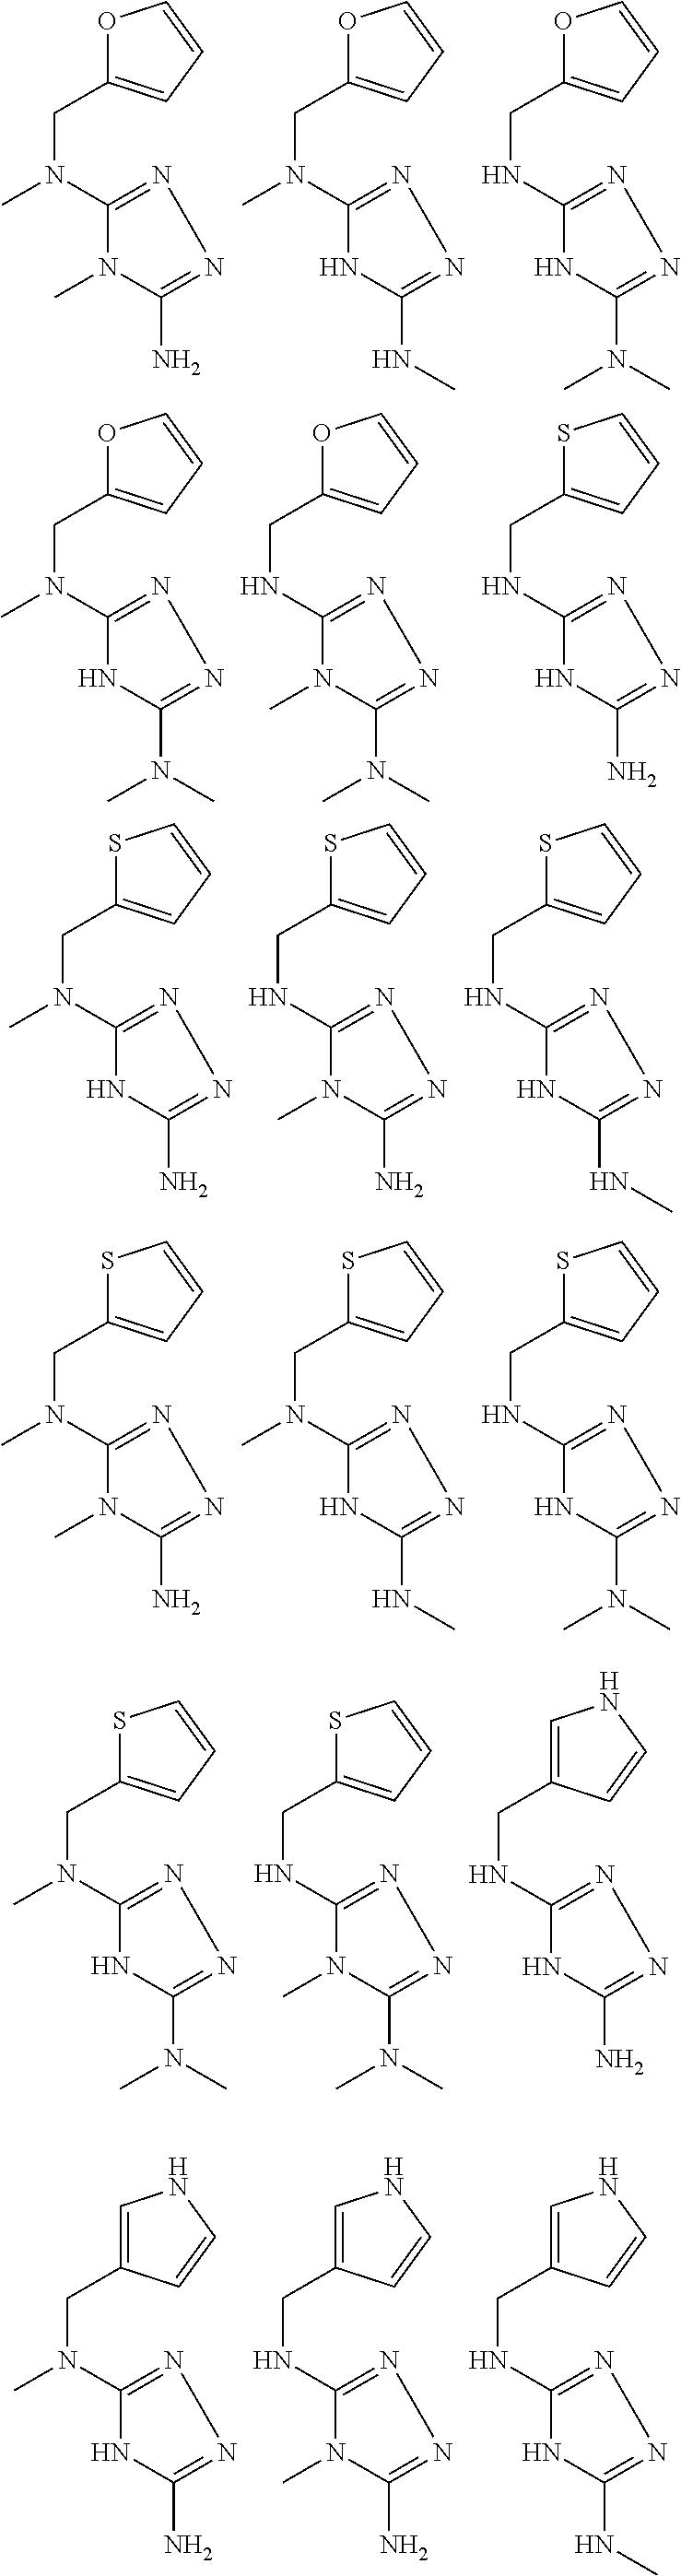 Figure US09480663-20161101-C00078